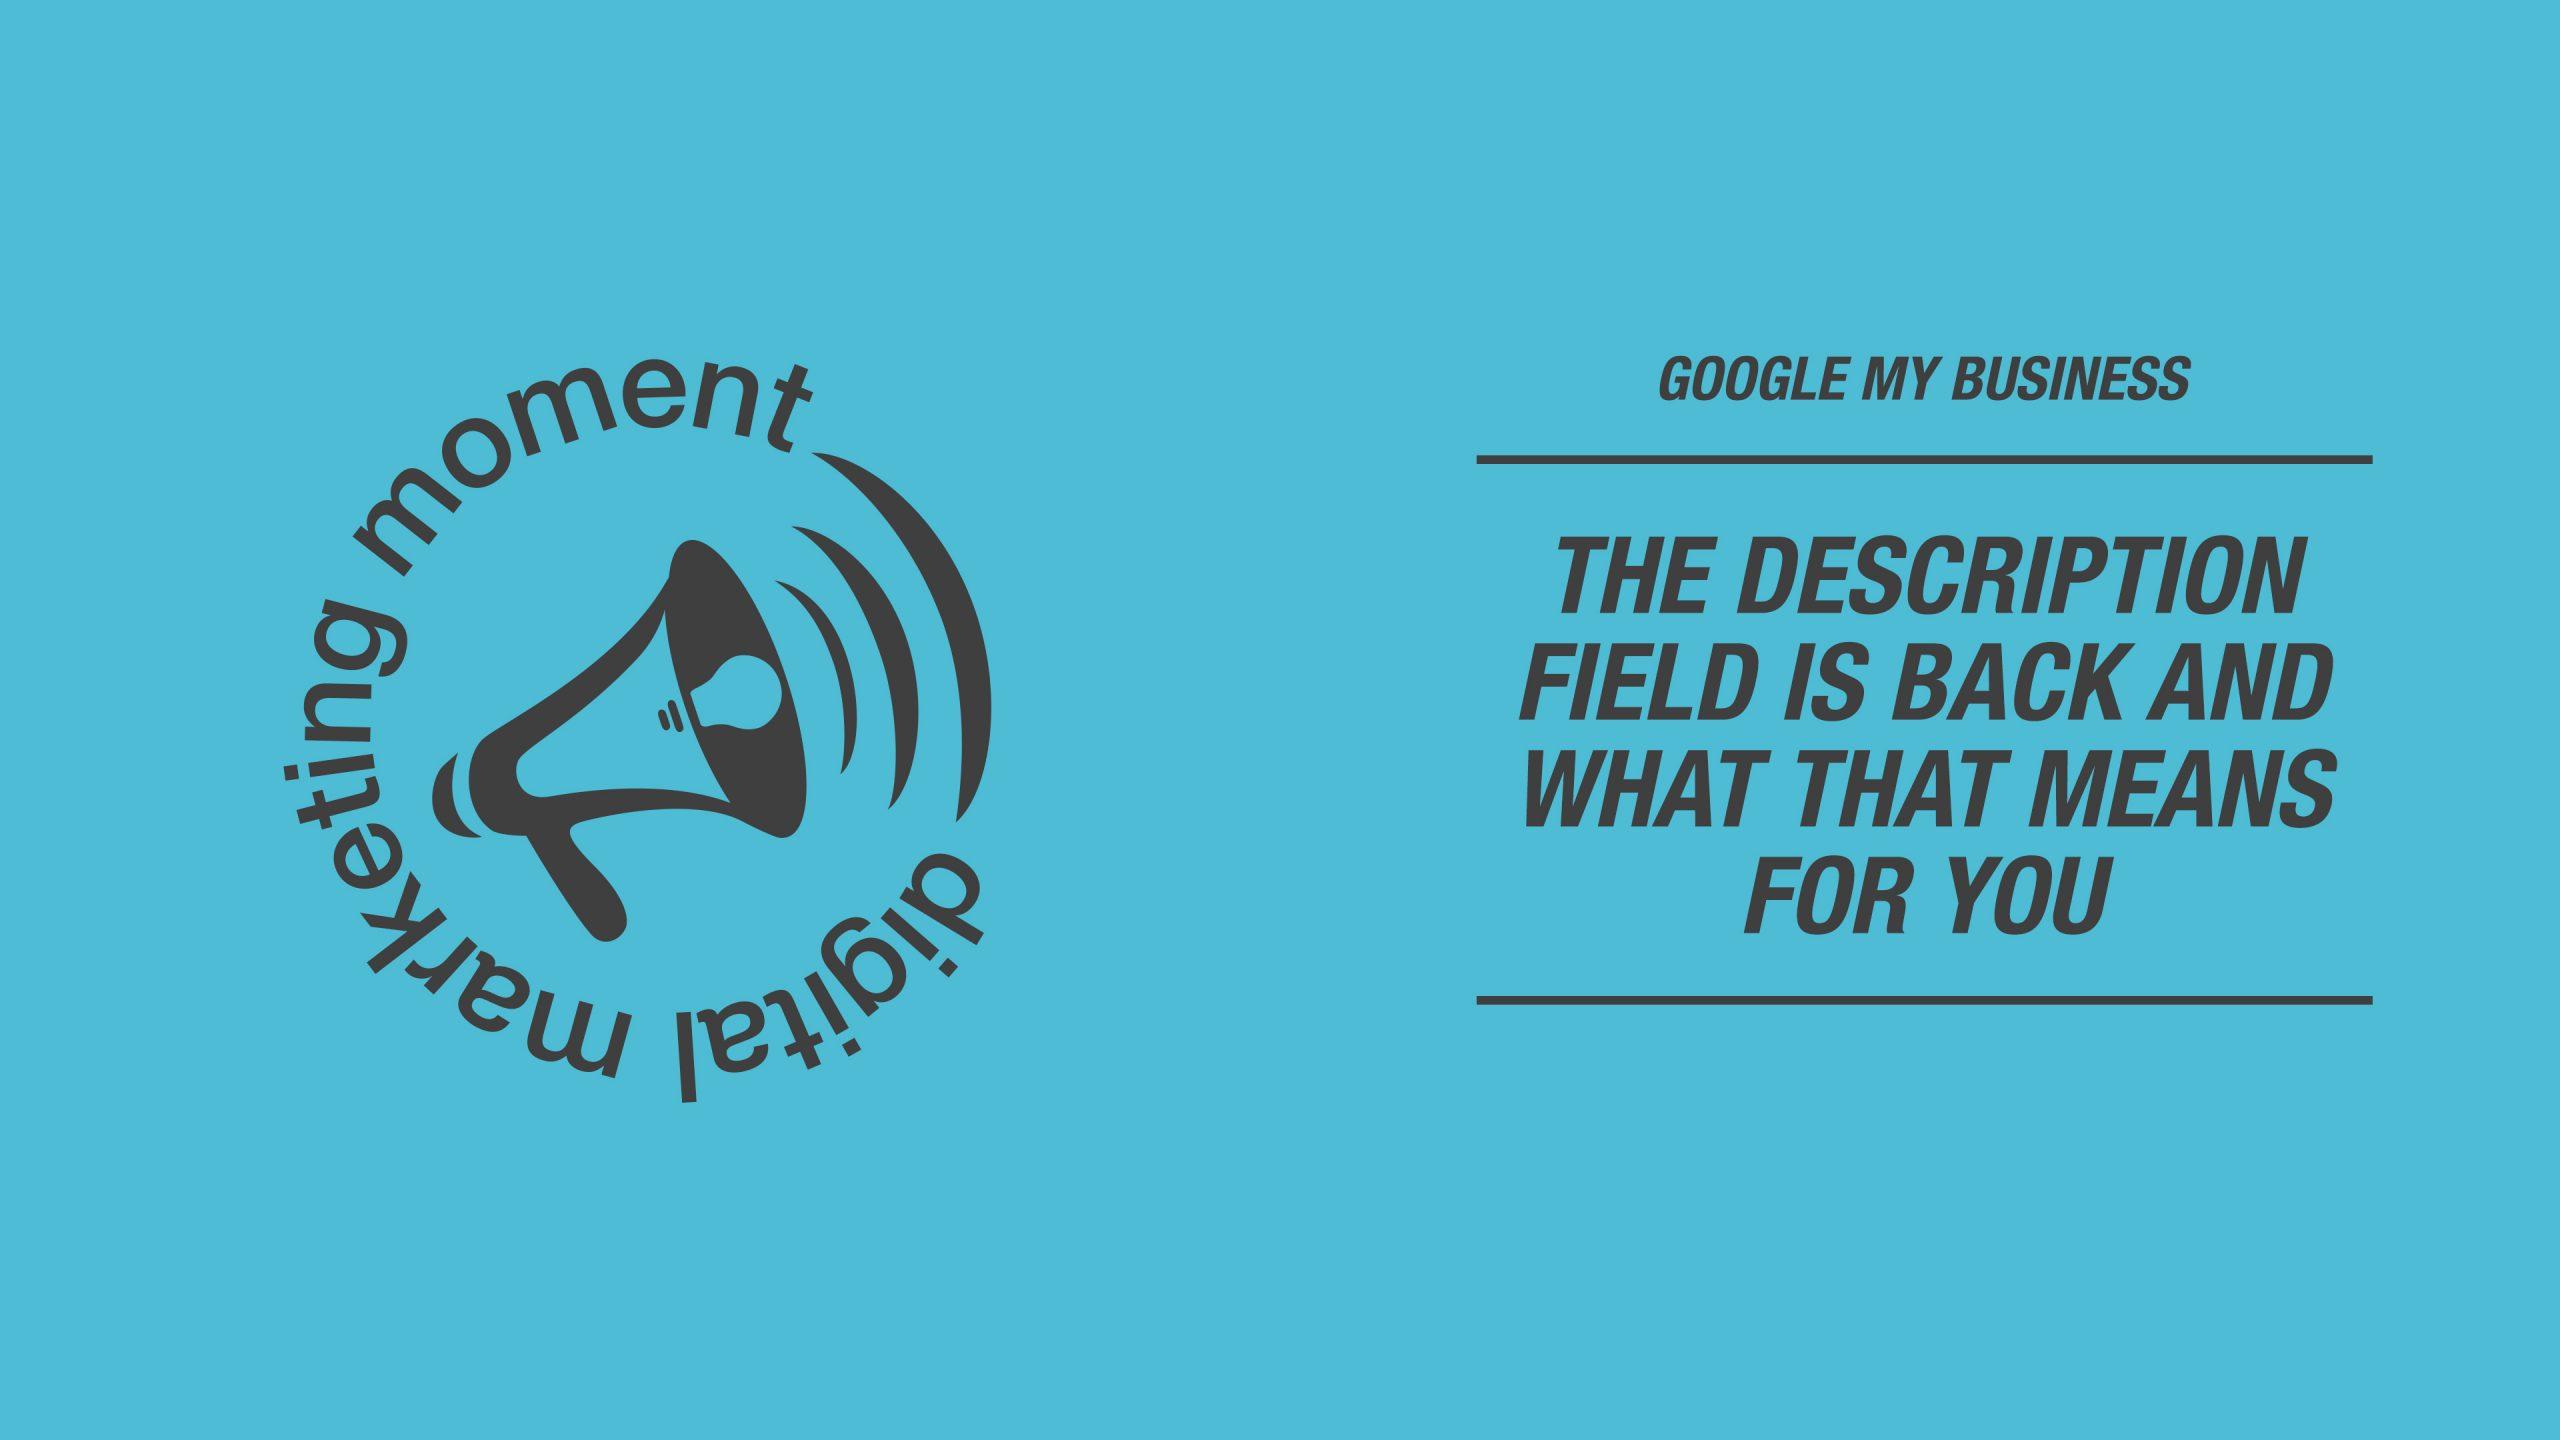 Google My Business Description Field is Back!